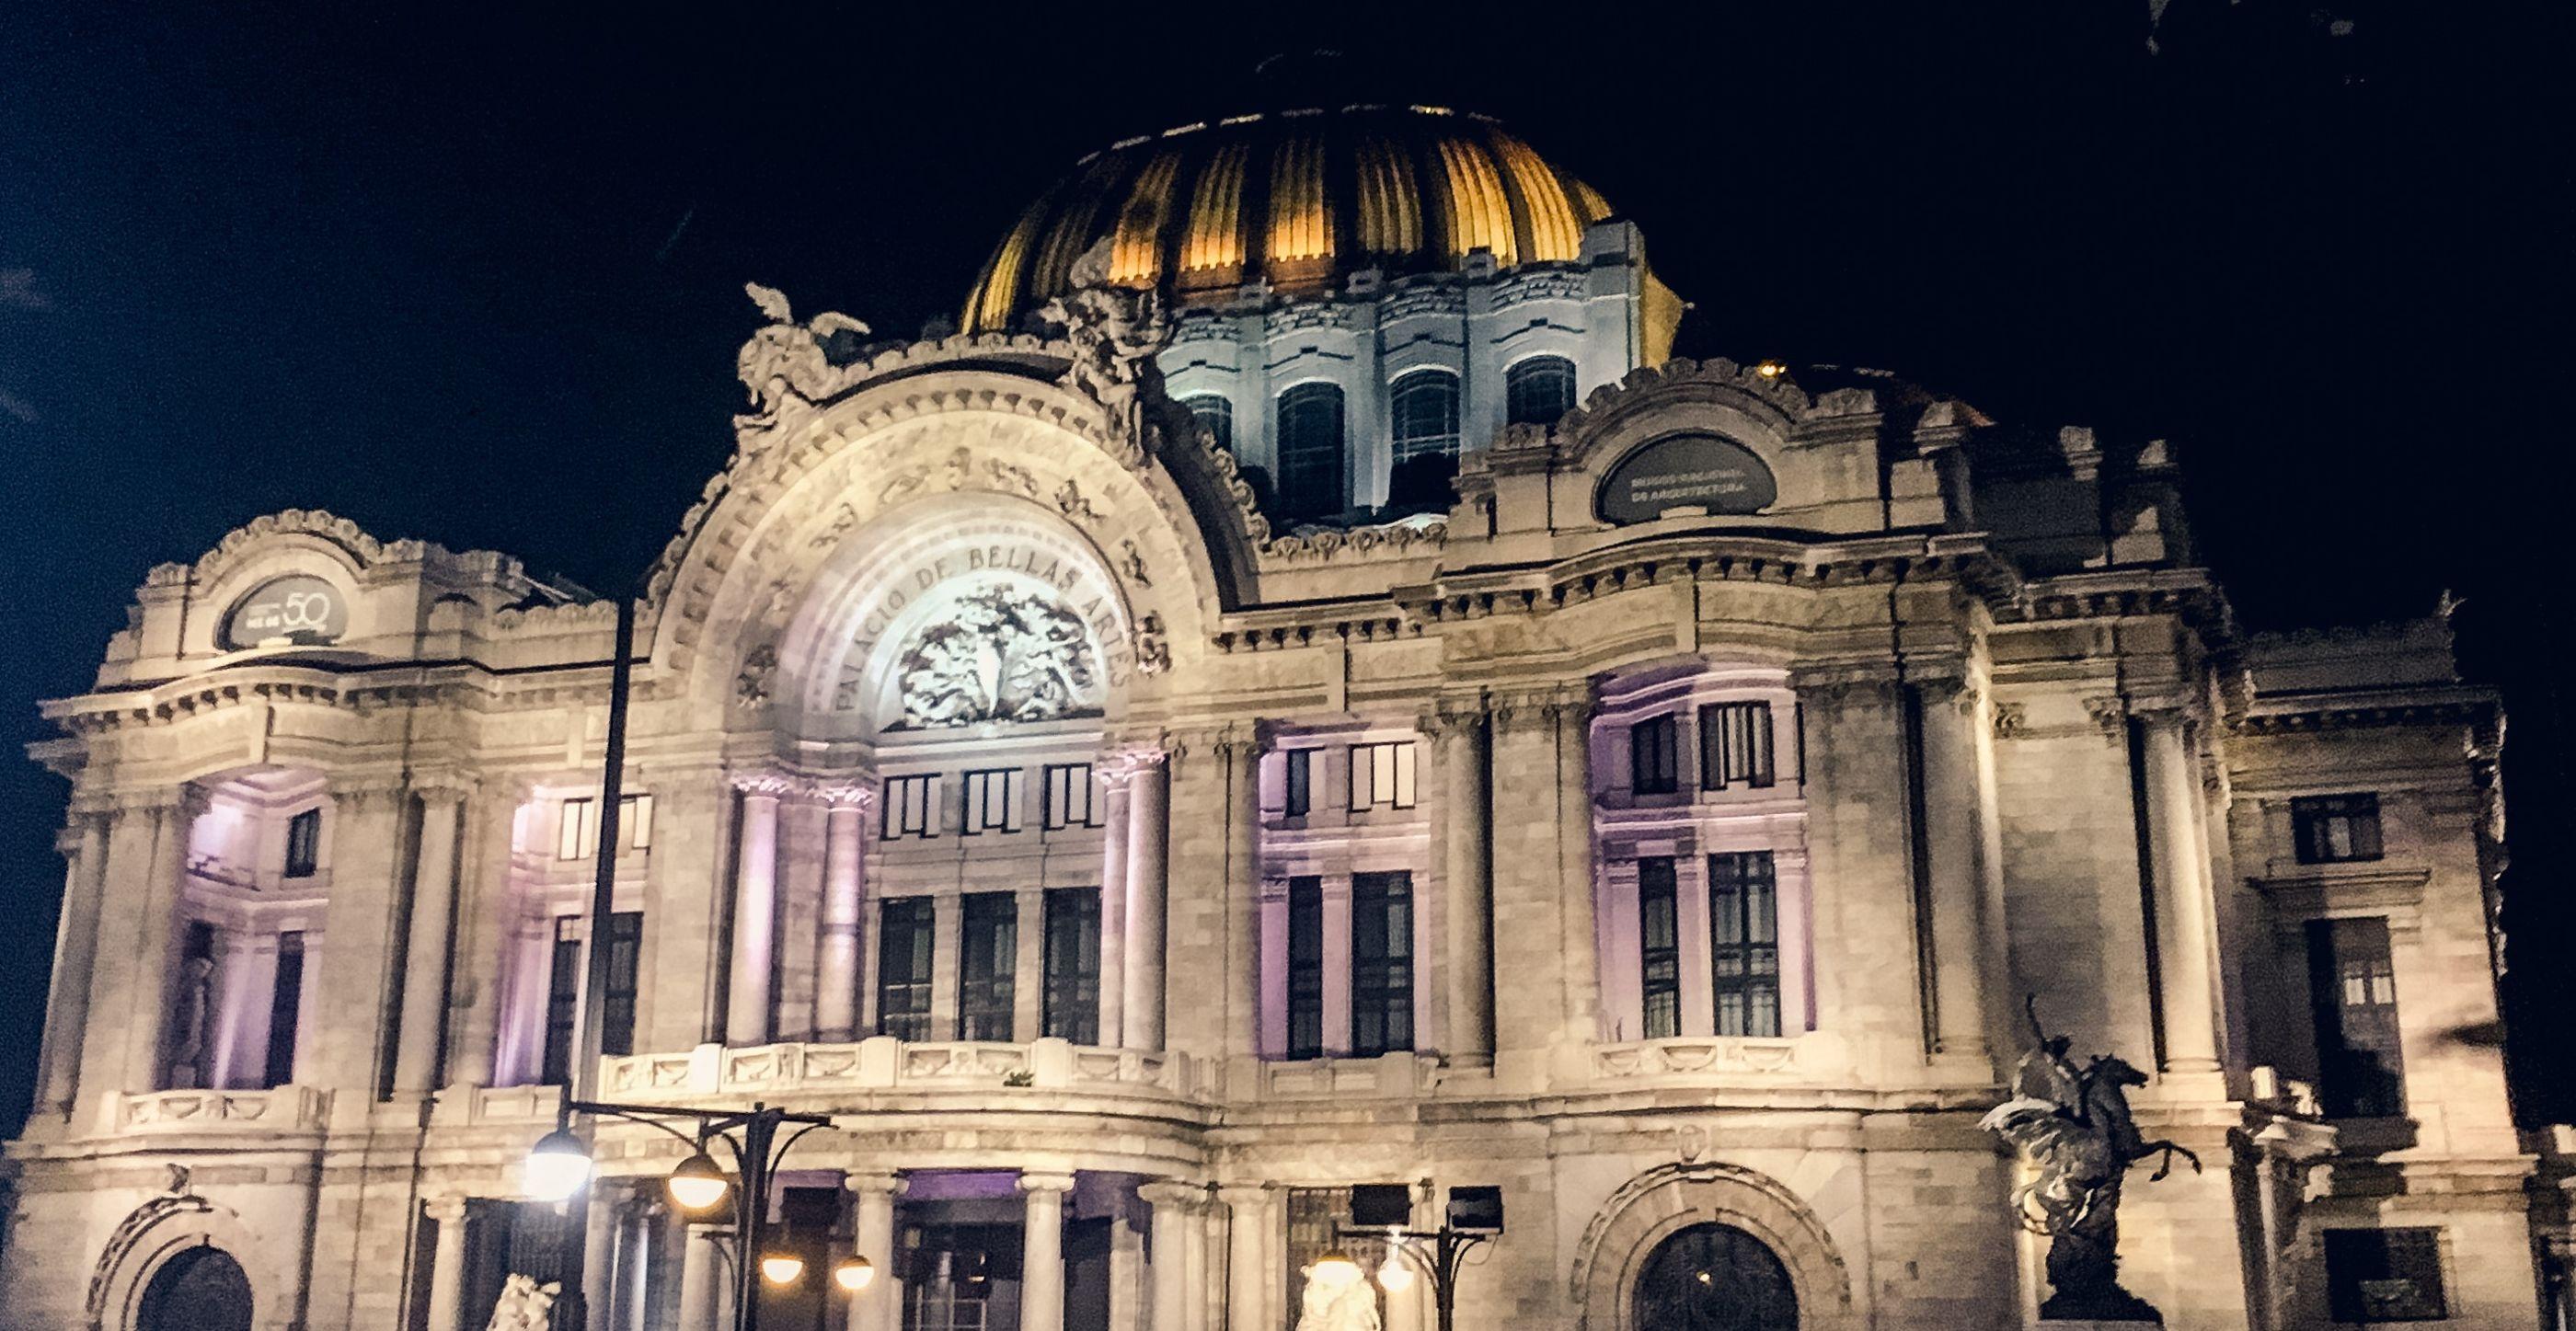 Descubre la Noche de Museos en la CDMX (es gratis y te decimos cómo aprovecharla al máximo)